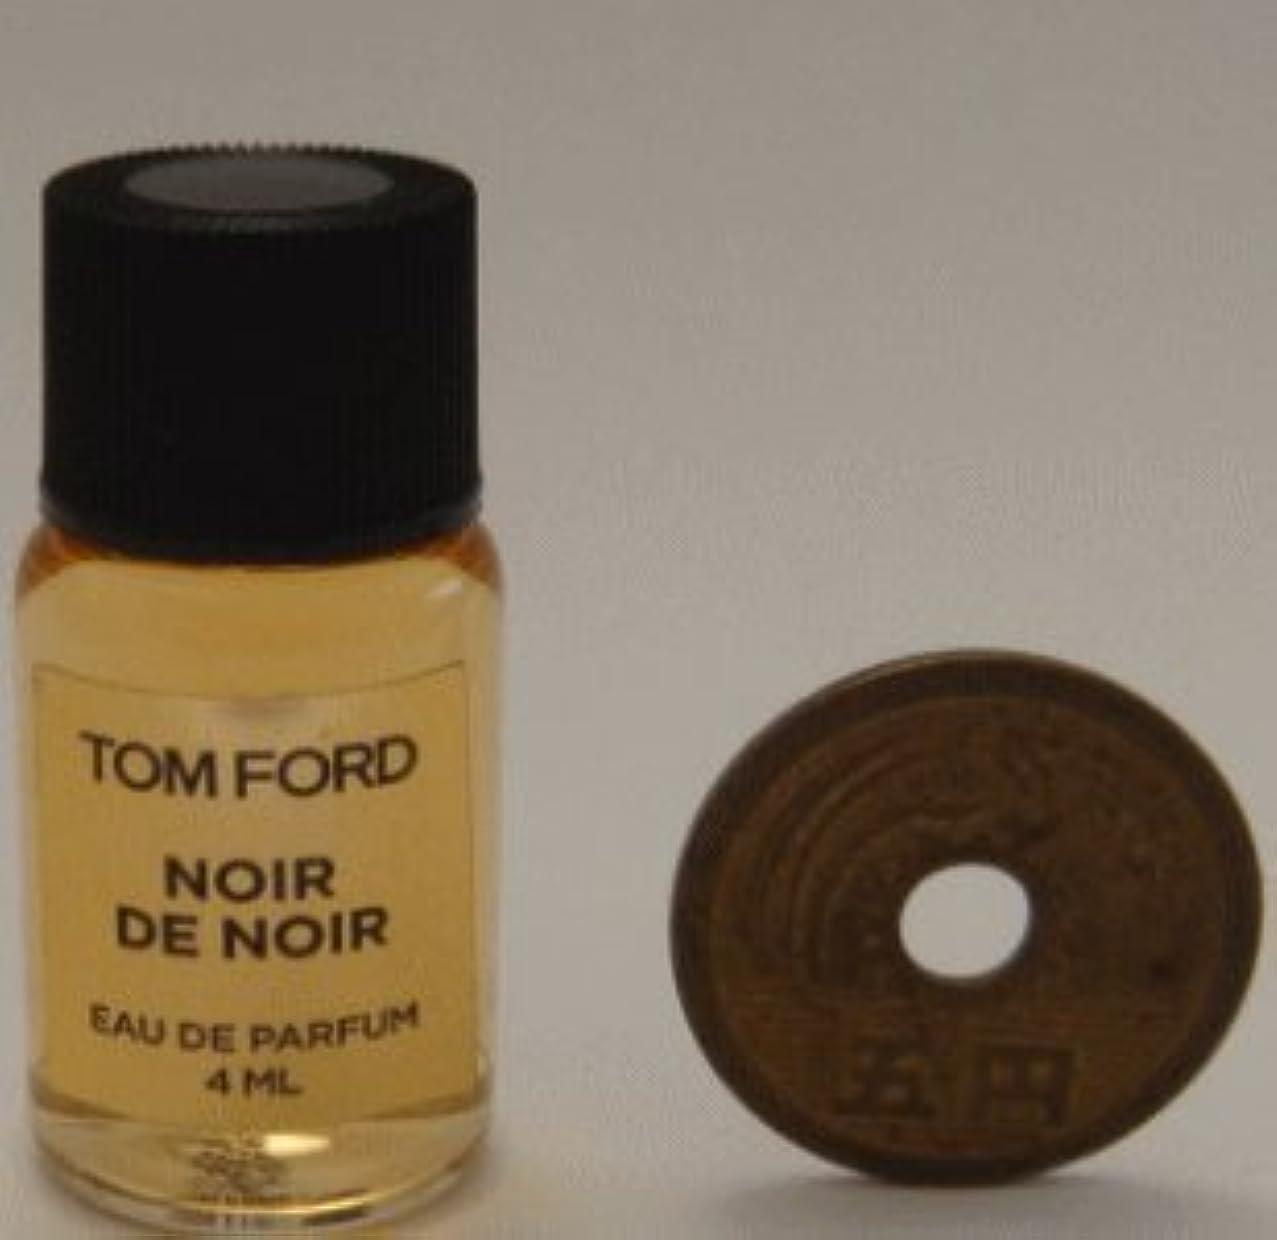 酸化する罪原点Tom Ford Private Blend 'Noir de Noir' (トムフォード プライベートブレンド ノアーデノアー) 4ml EDP ミニボトル (手詰めサンプル)